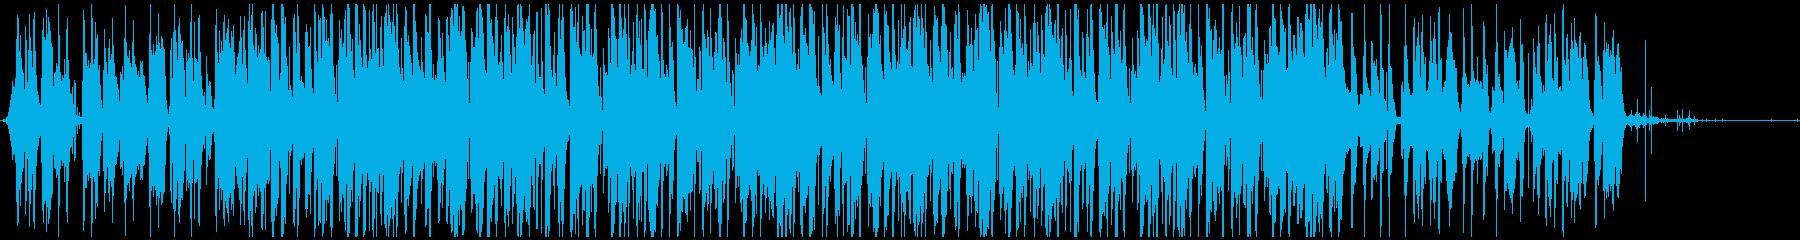 バサノバ レトロ 劇的な エキゾチ...の再生済みの波形